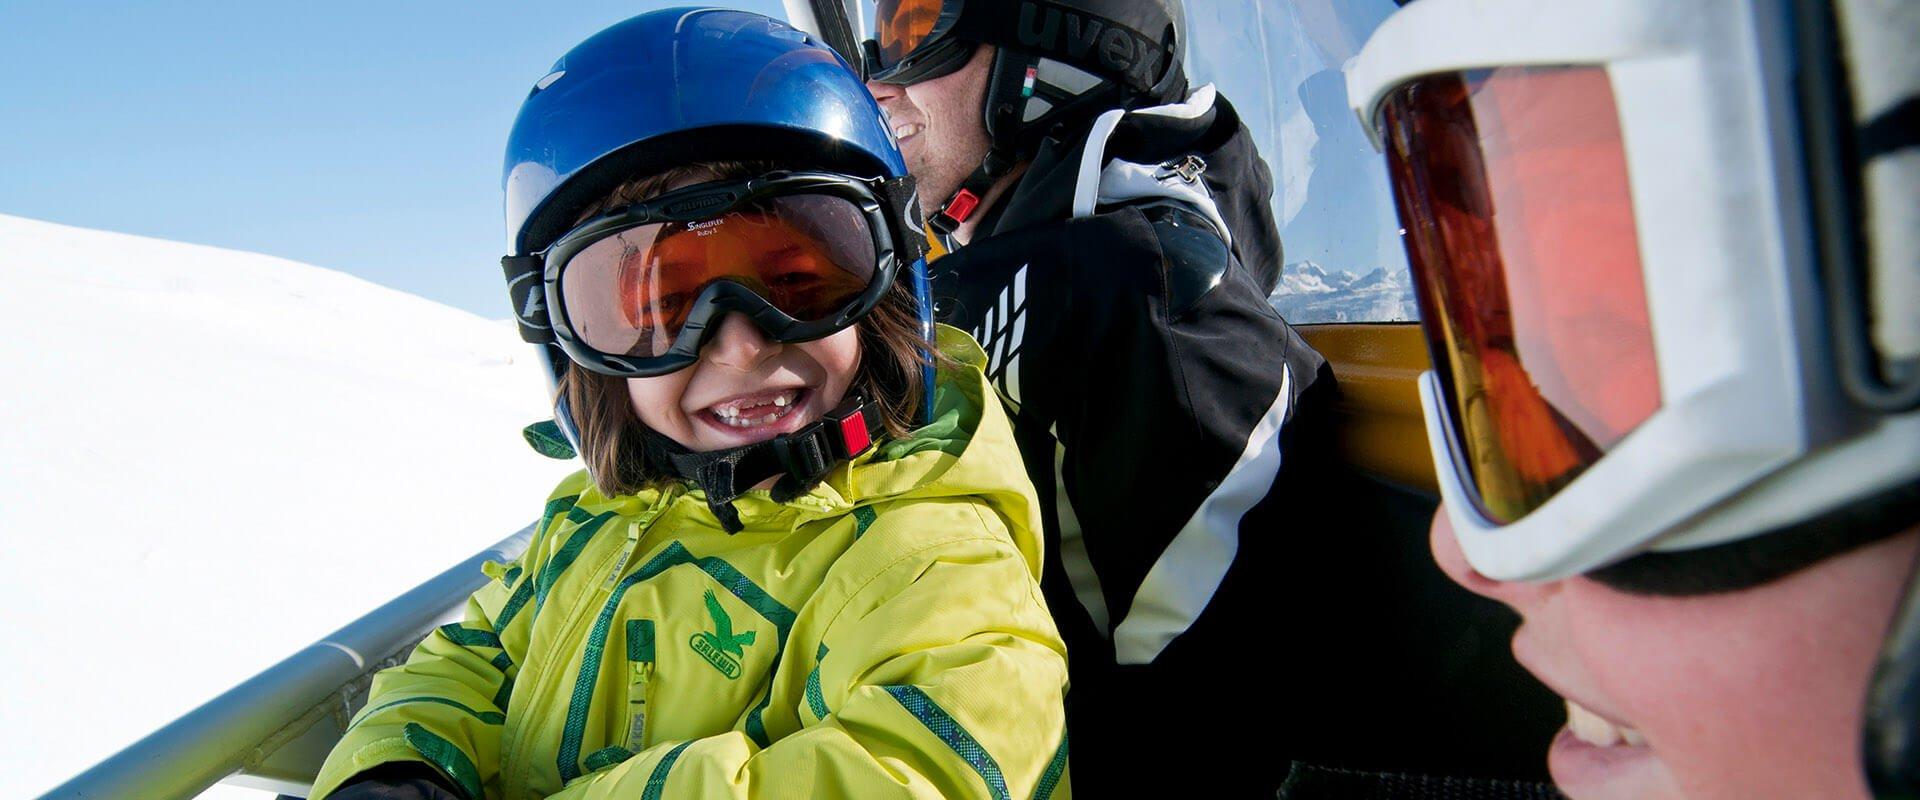 Erlebnisreicher Skiurlaub in Südtirol - Winterurlaub an der Plose im Eisacktal